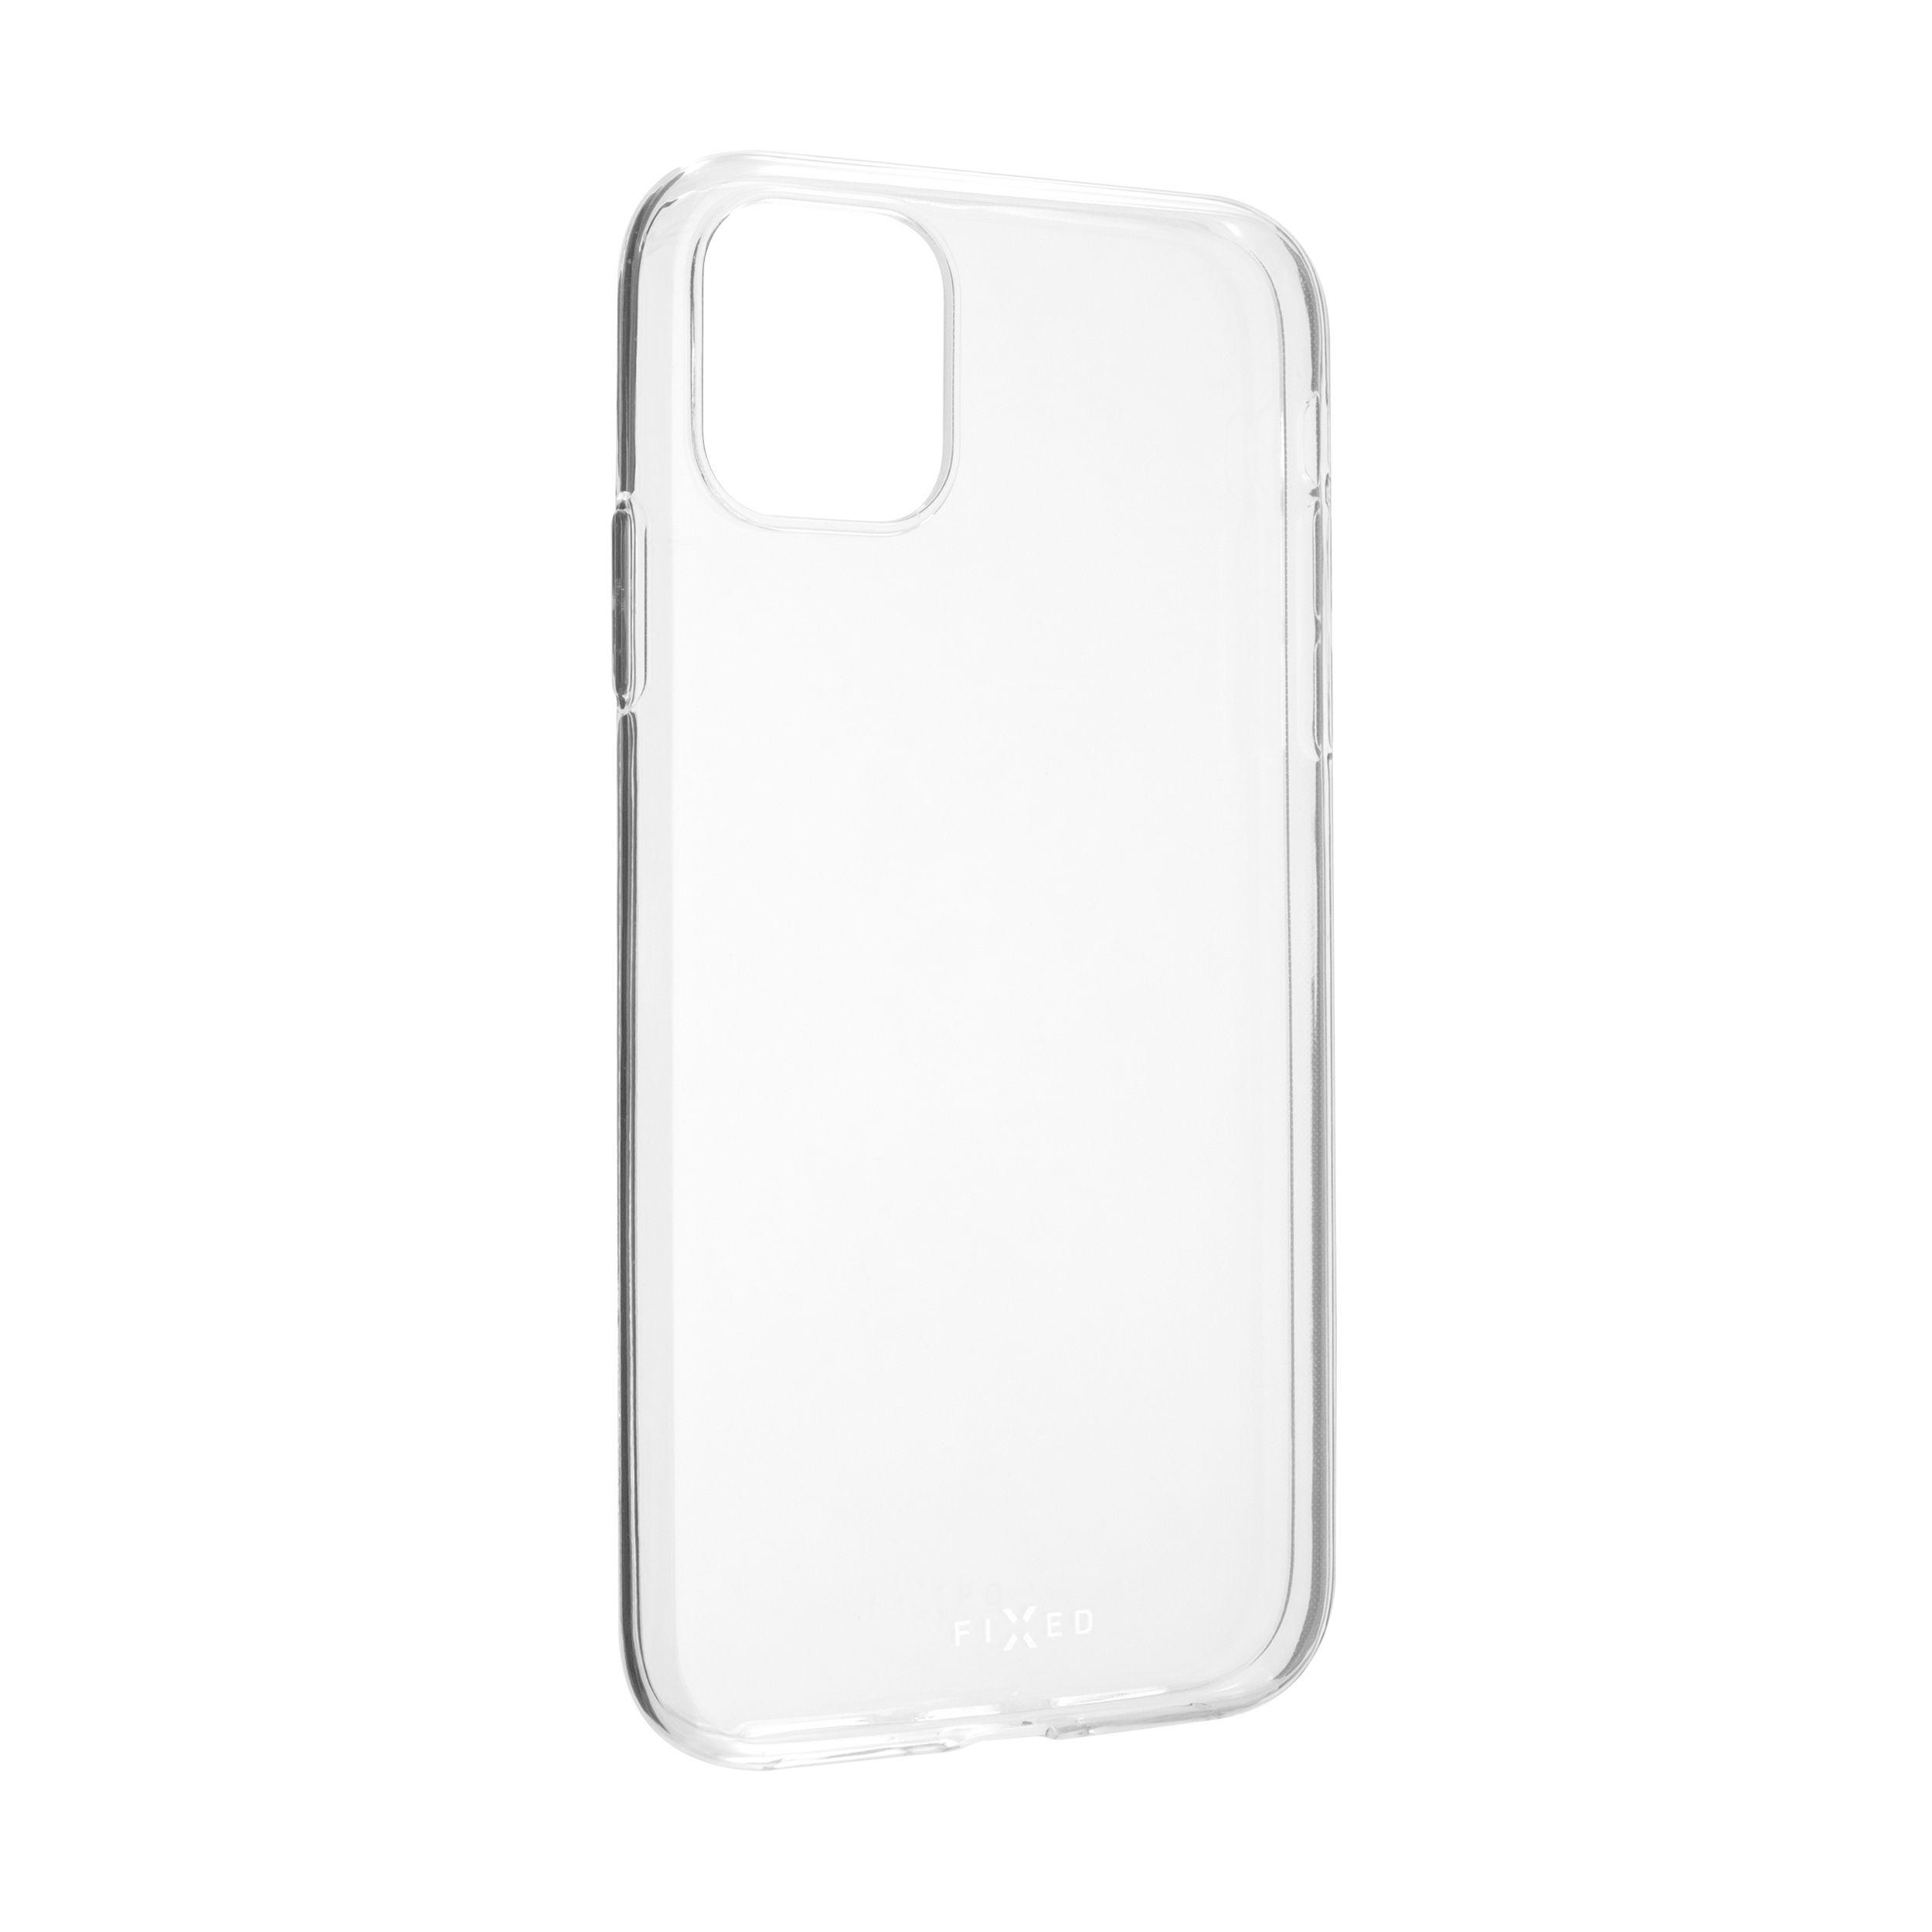 TPU gelové pouzdro FIXED pro Apple iPhone 11, čiré